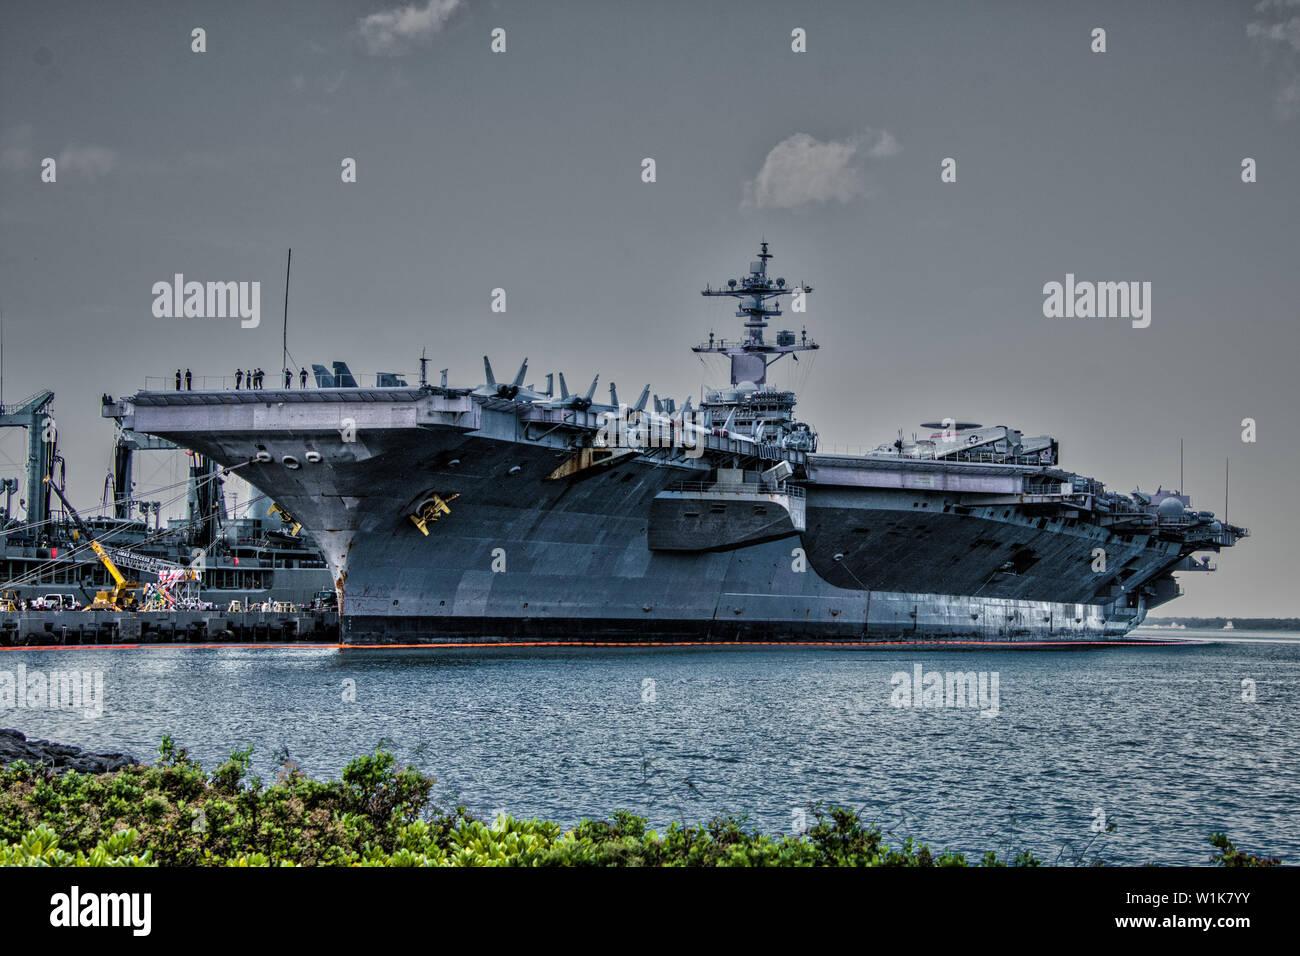 Dieses Flugzeug wurde in Pearl Harbor während unseres Besuches angedockt es letzten Monat. Man Nicht schätzen, wie groß sie sind, bis Sie in der Nähe. Ch Stockbild